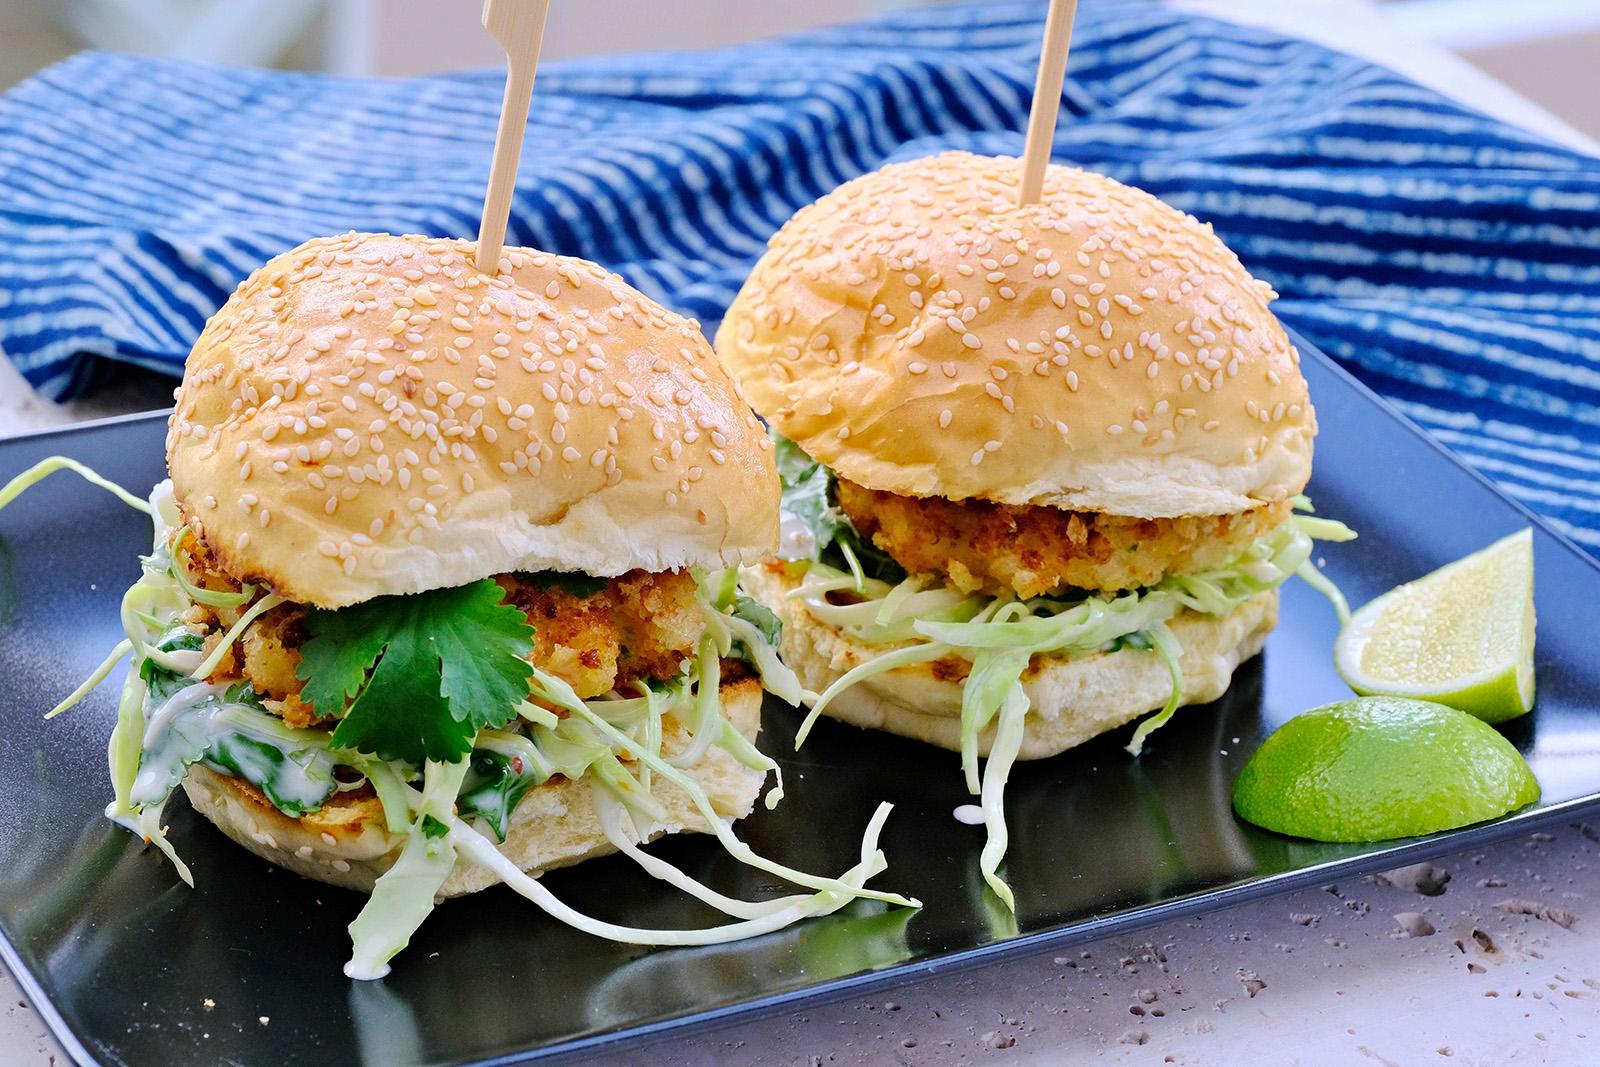 Burgery nemusí být jen masové, krevetky jsou dobrou alternativou